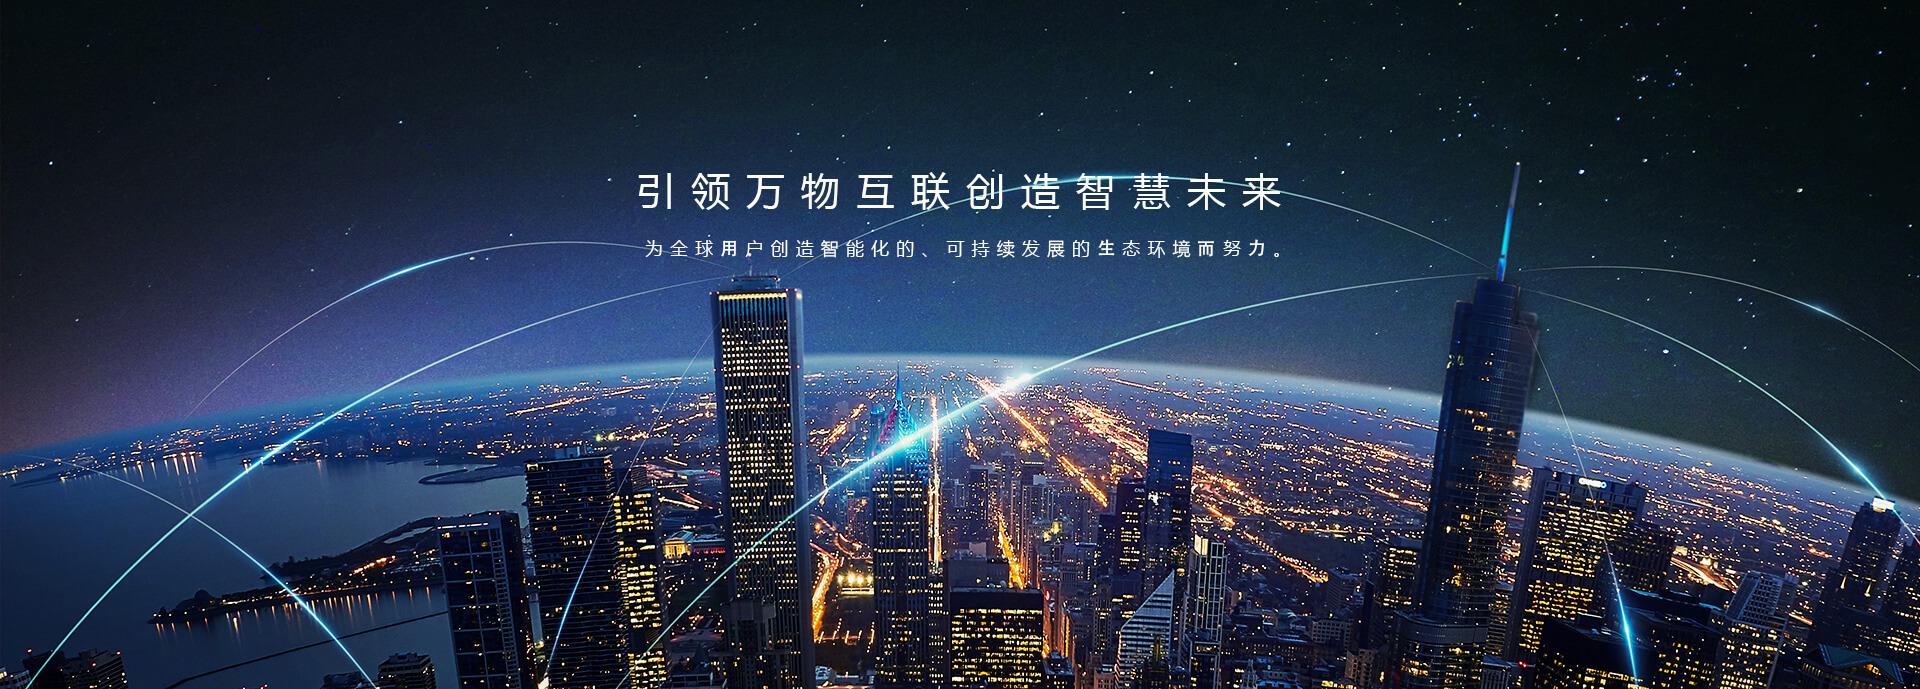 资讯_产品中心-智能家居产品-聪明屋智能家居-深圳智能家居系统提供商